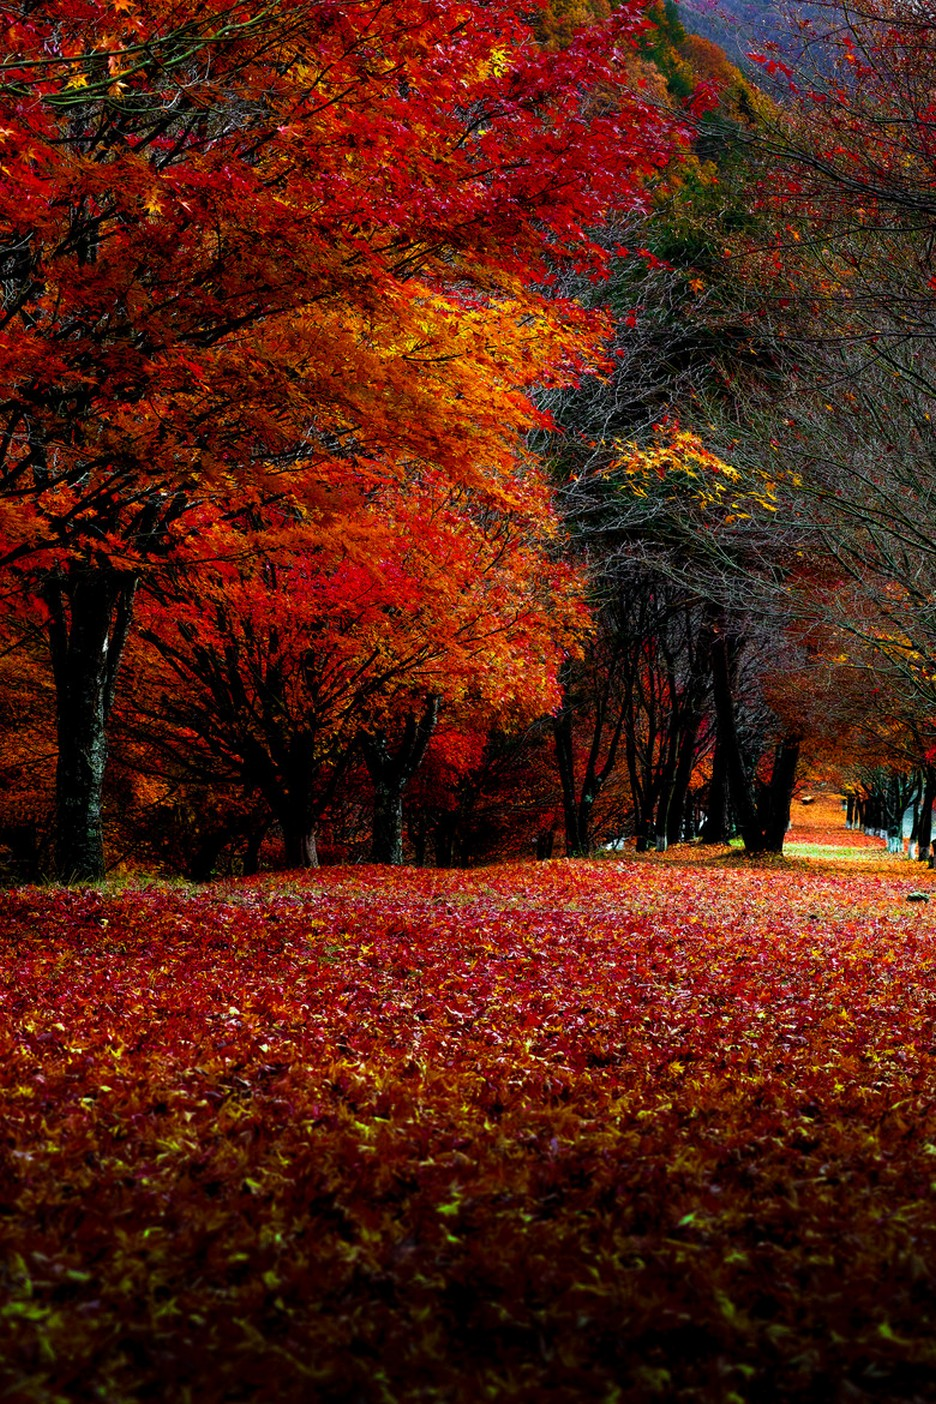 autumn park red orange leaves